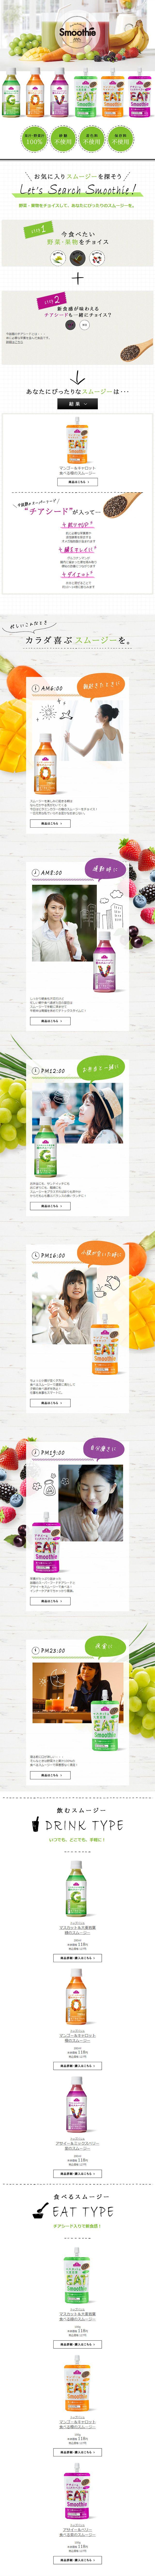 忙しい朝の通勤やランチのときに、カラダ喜ぶスムージーを。【飲料・お酒関連】のLPデザイン。WEBデザイナーさん必見!スマホランディングページのデザイン参考に(シンプル系)